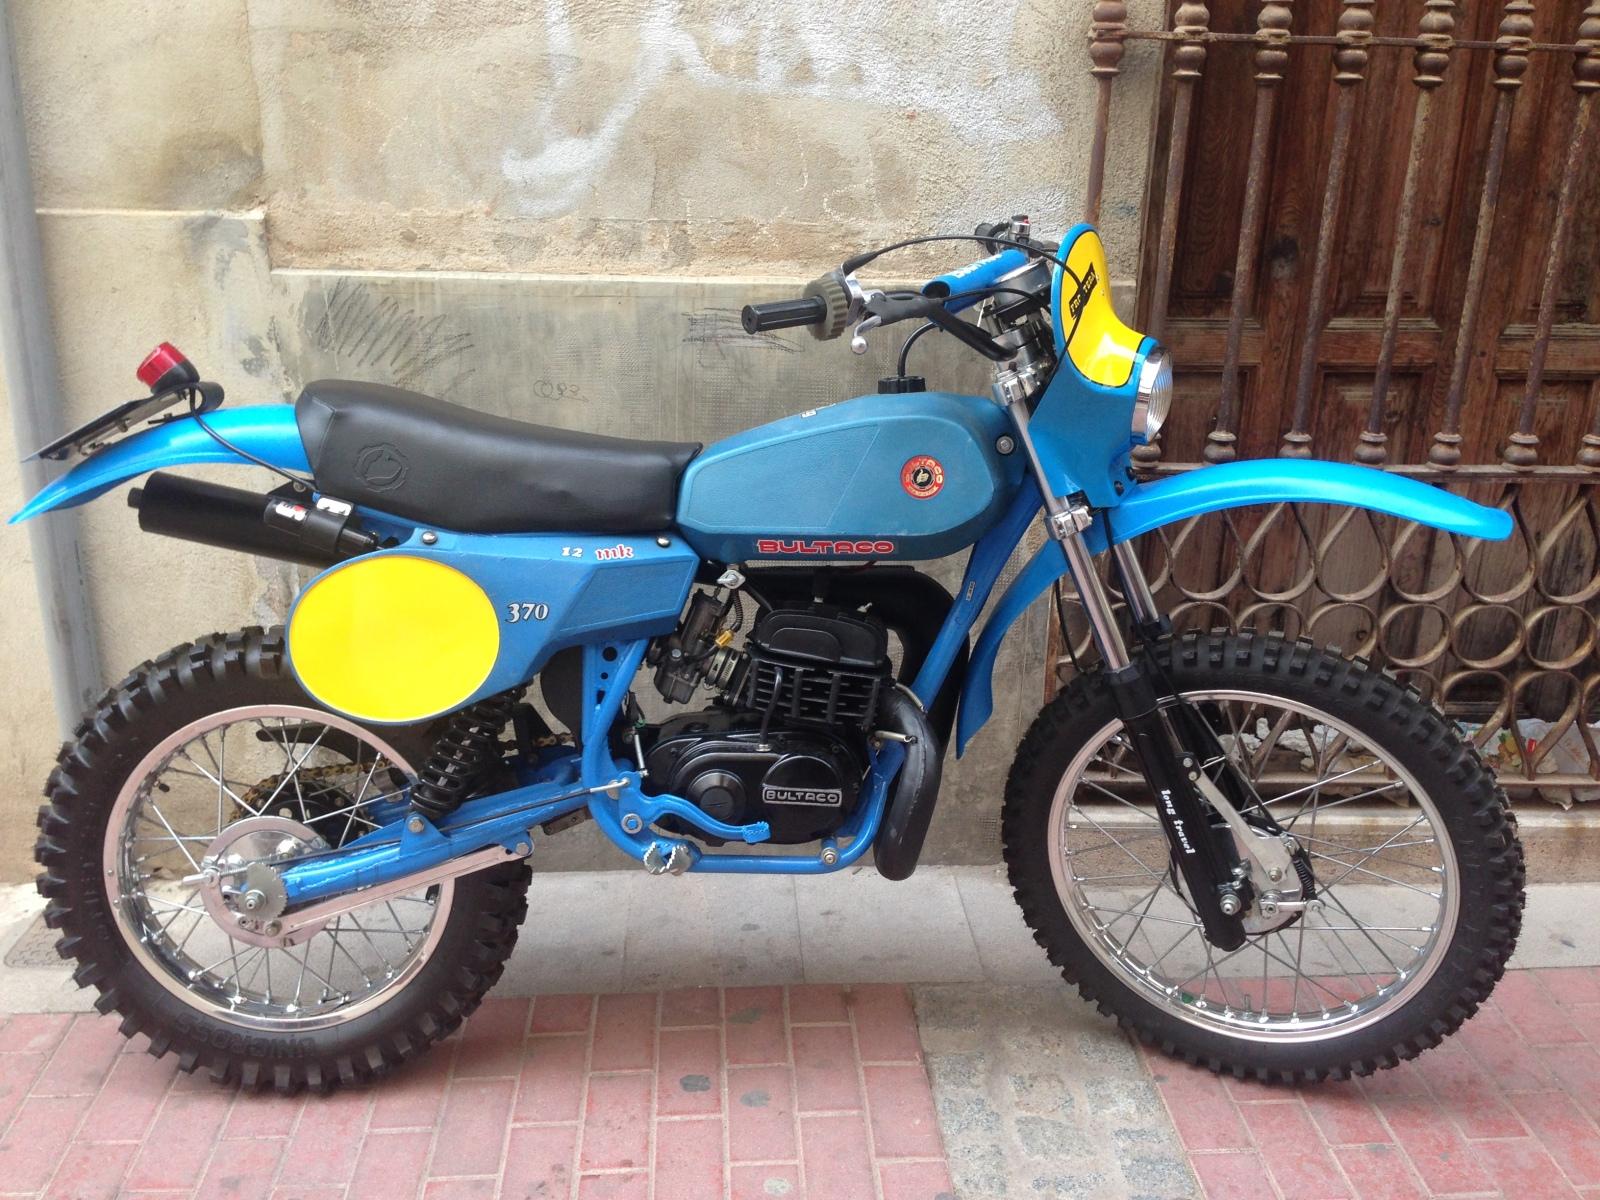 Ossa - Colección TT Competición: Bultaco,Montesa,Ossa - Página 2 35b6l8l